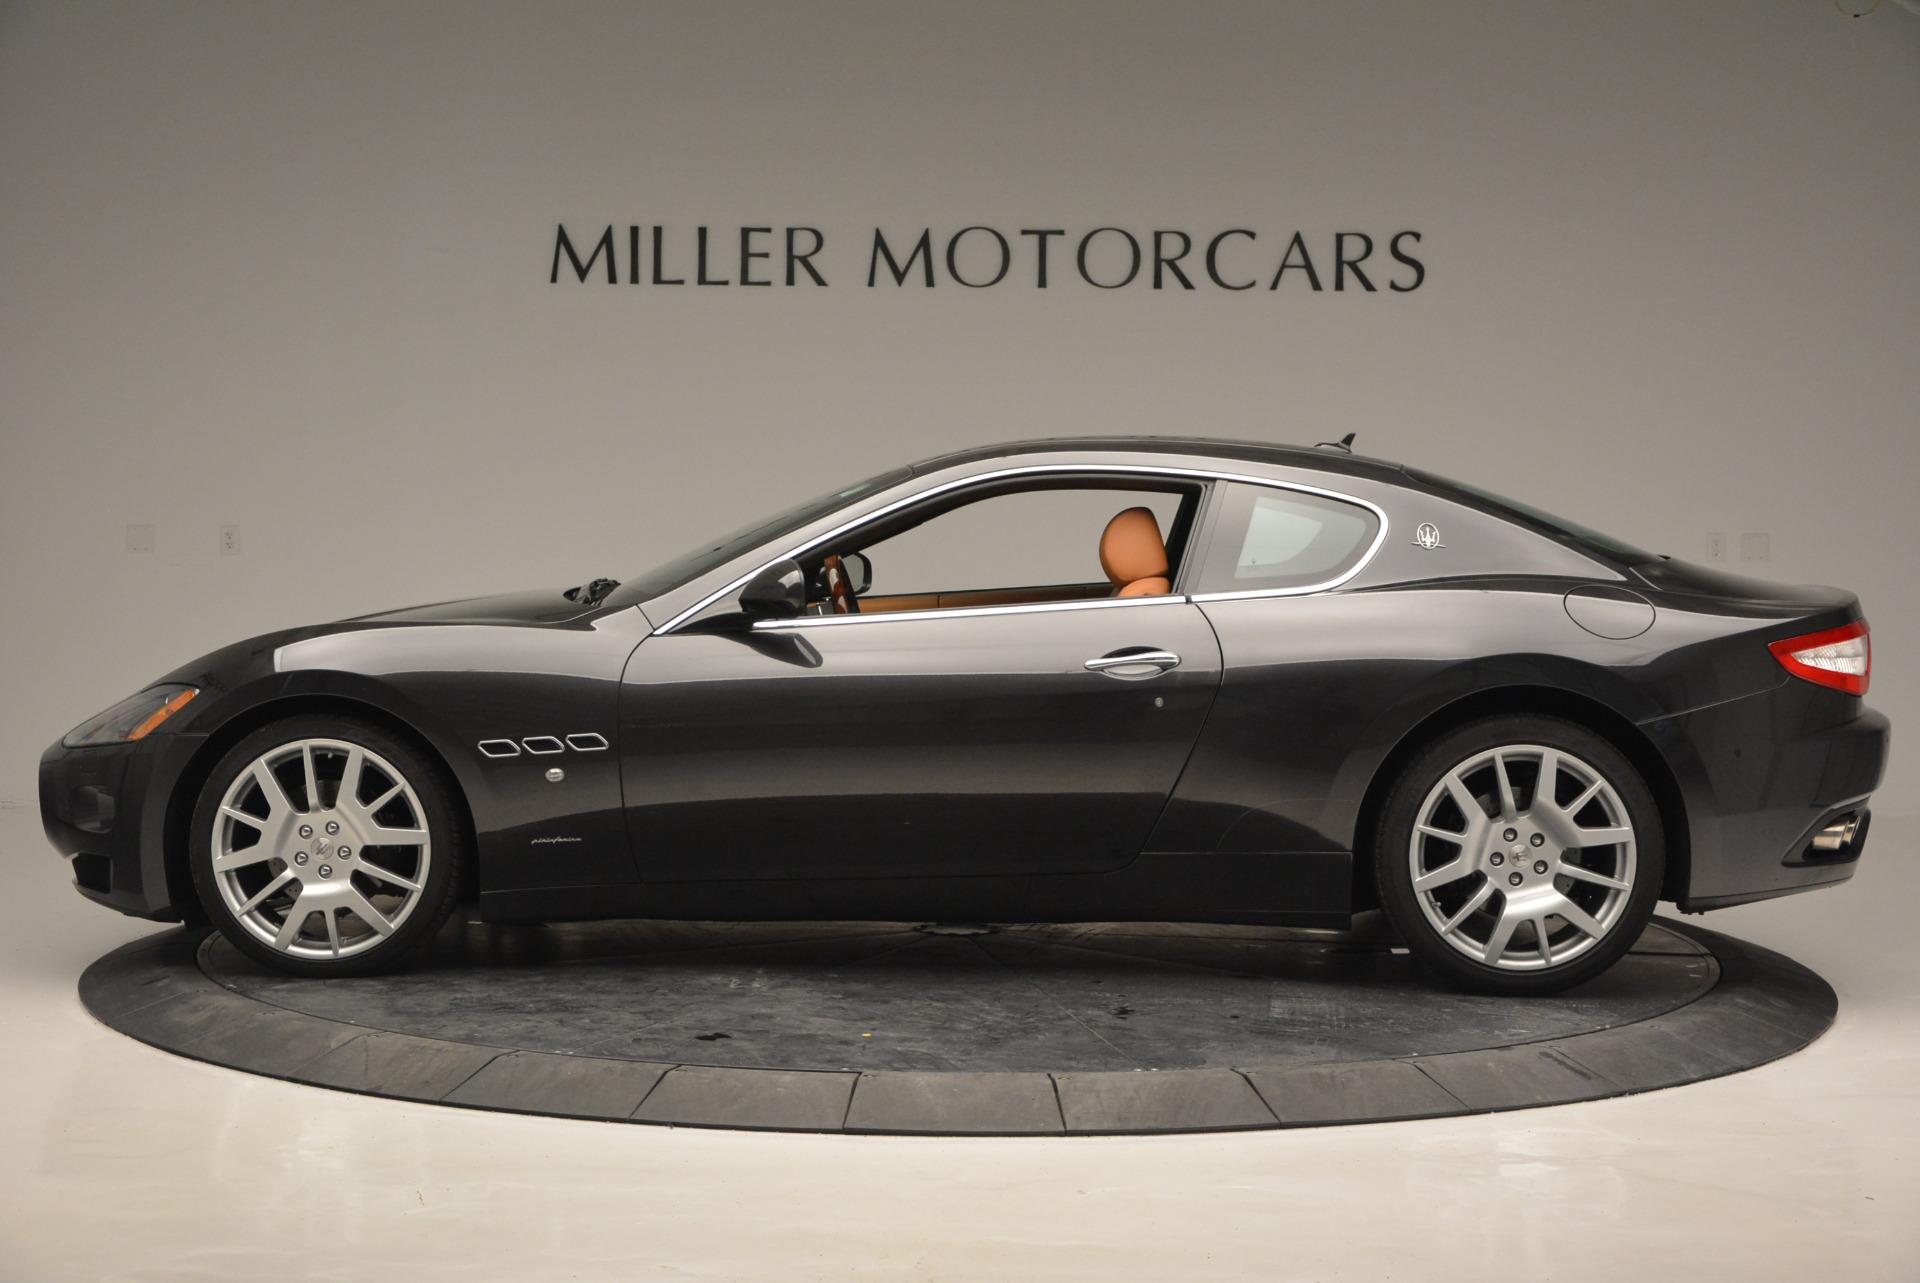 Used 2011 Maserati GranTurismo  For Sale In Westport, CT 816_p3